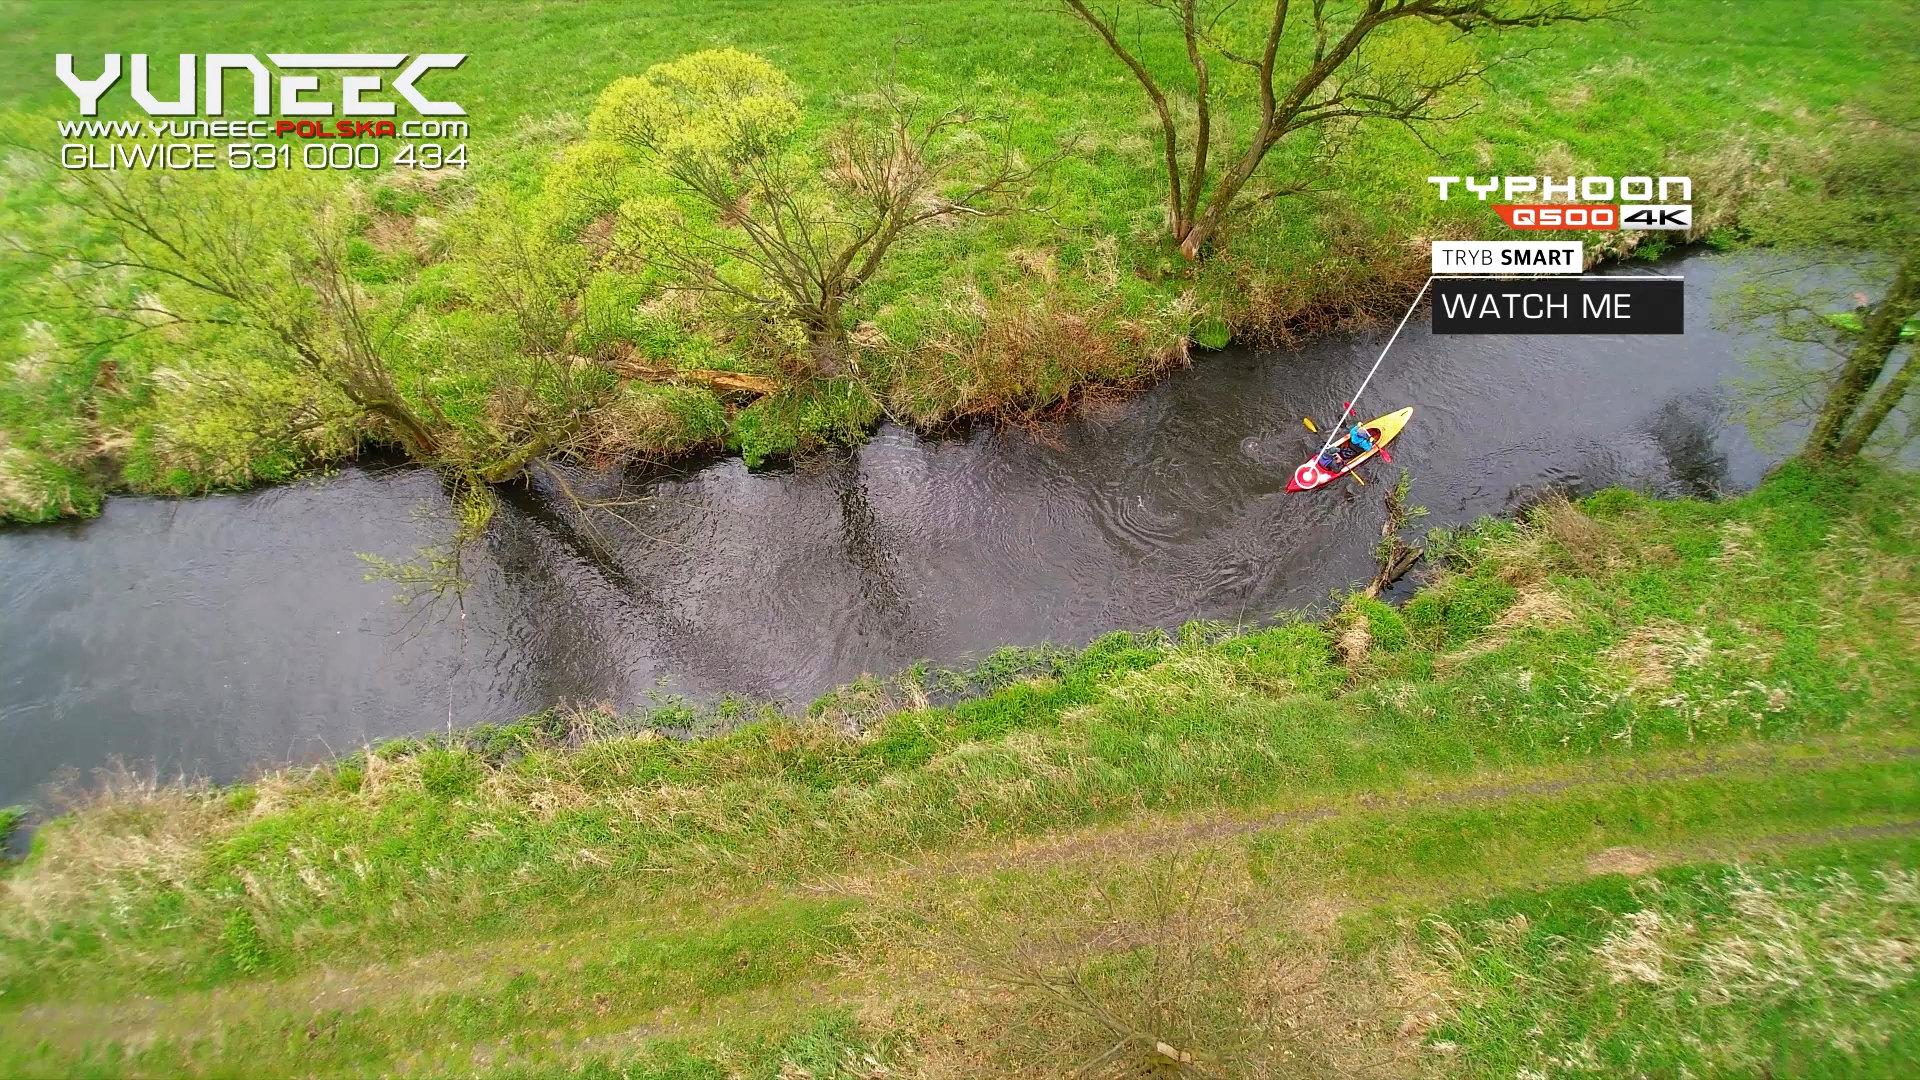 #Yuneec #TyphoonQ5004K #Kayak